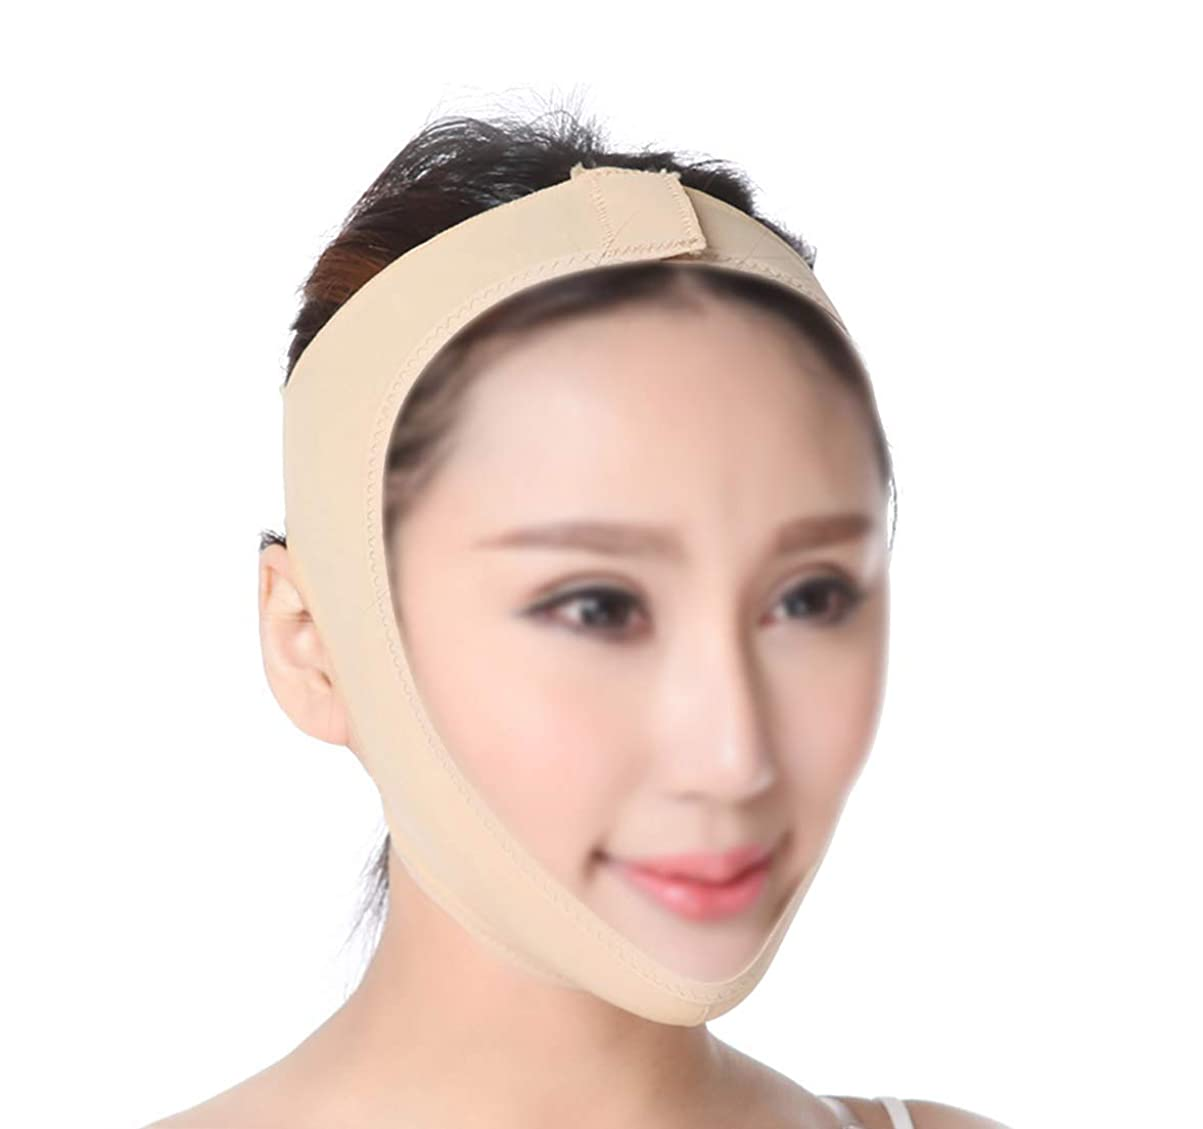 ニックネーム自分の活性化するフェイスリフティング包帯、Vフェイスインストゥルメントフェイスマスクアーティファクト引き締めマスク手動フェイシャルマッサージ通気性肌のトーン(サイズ:M)